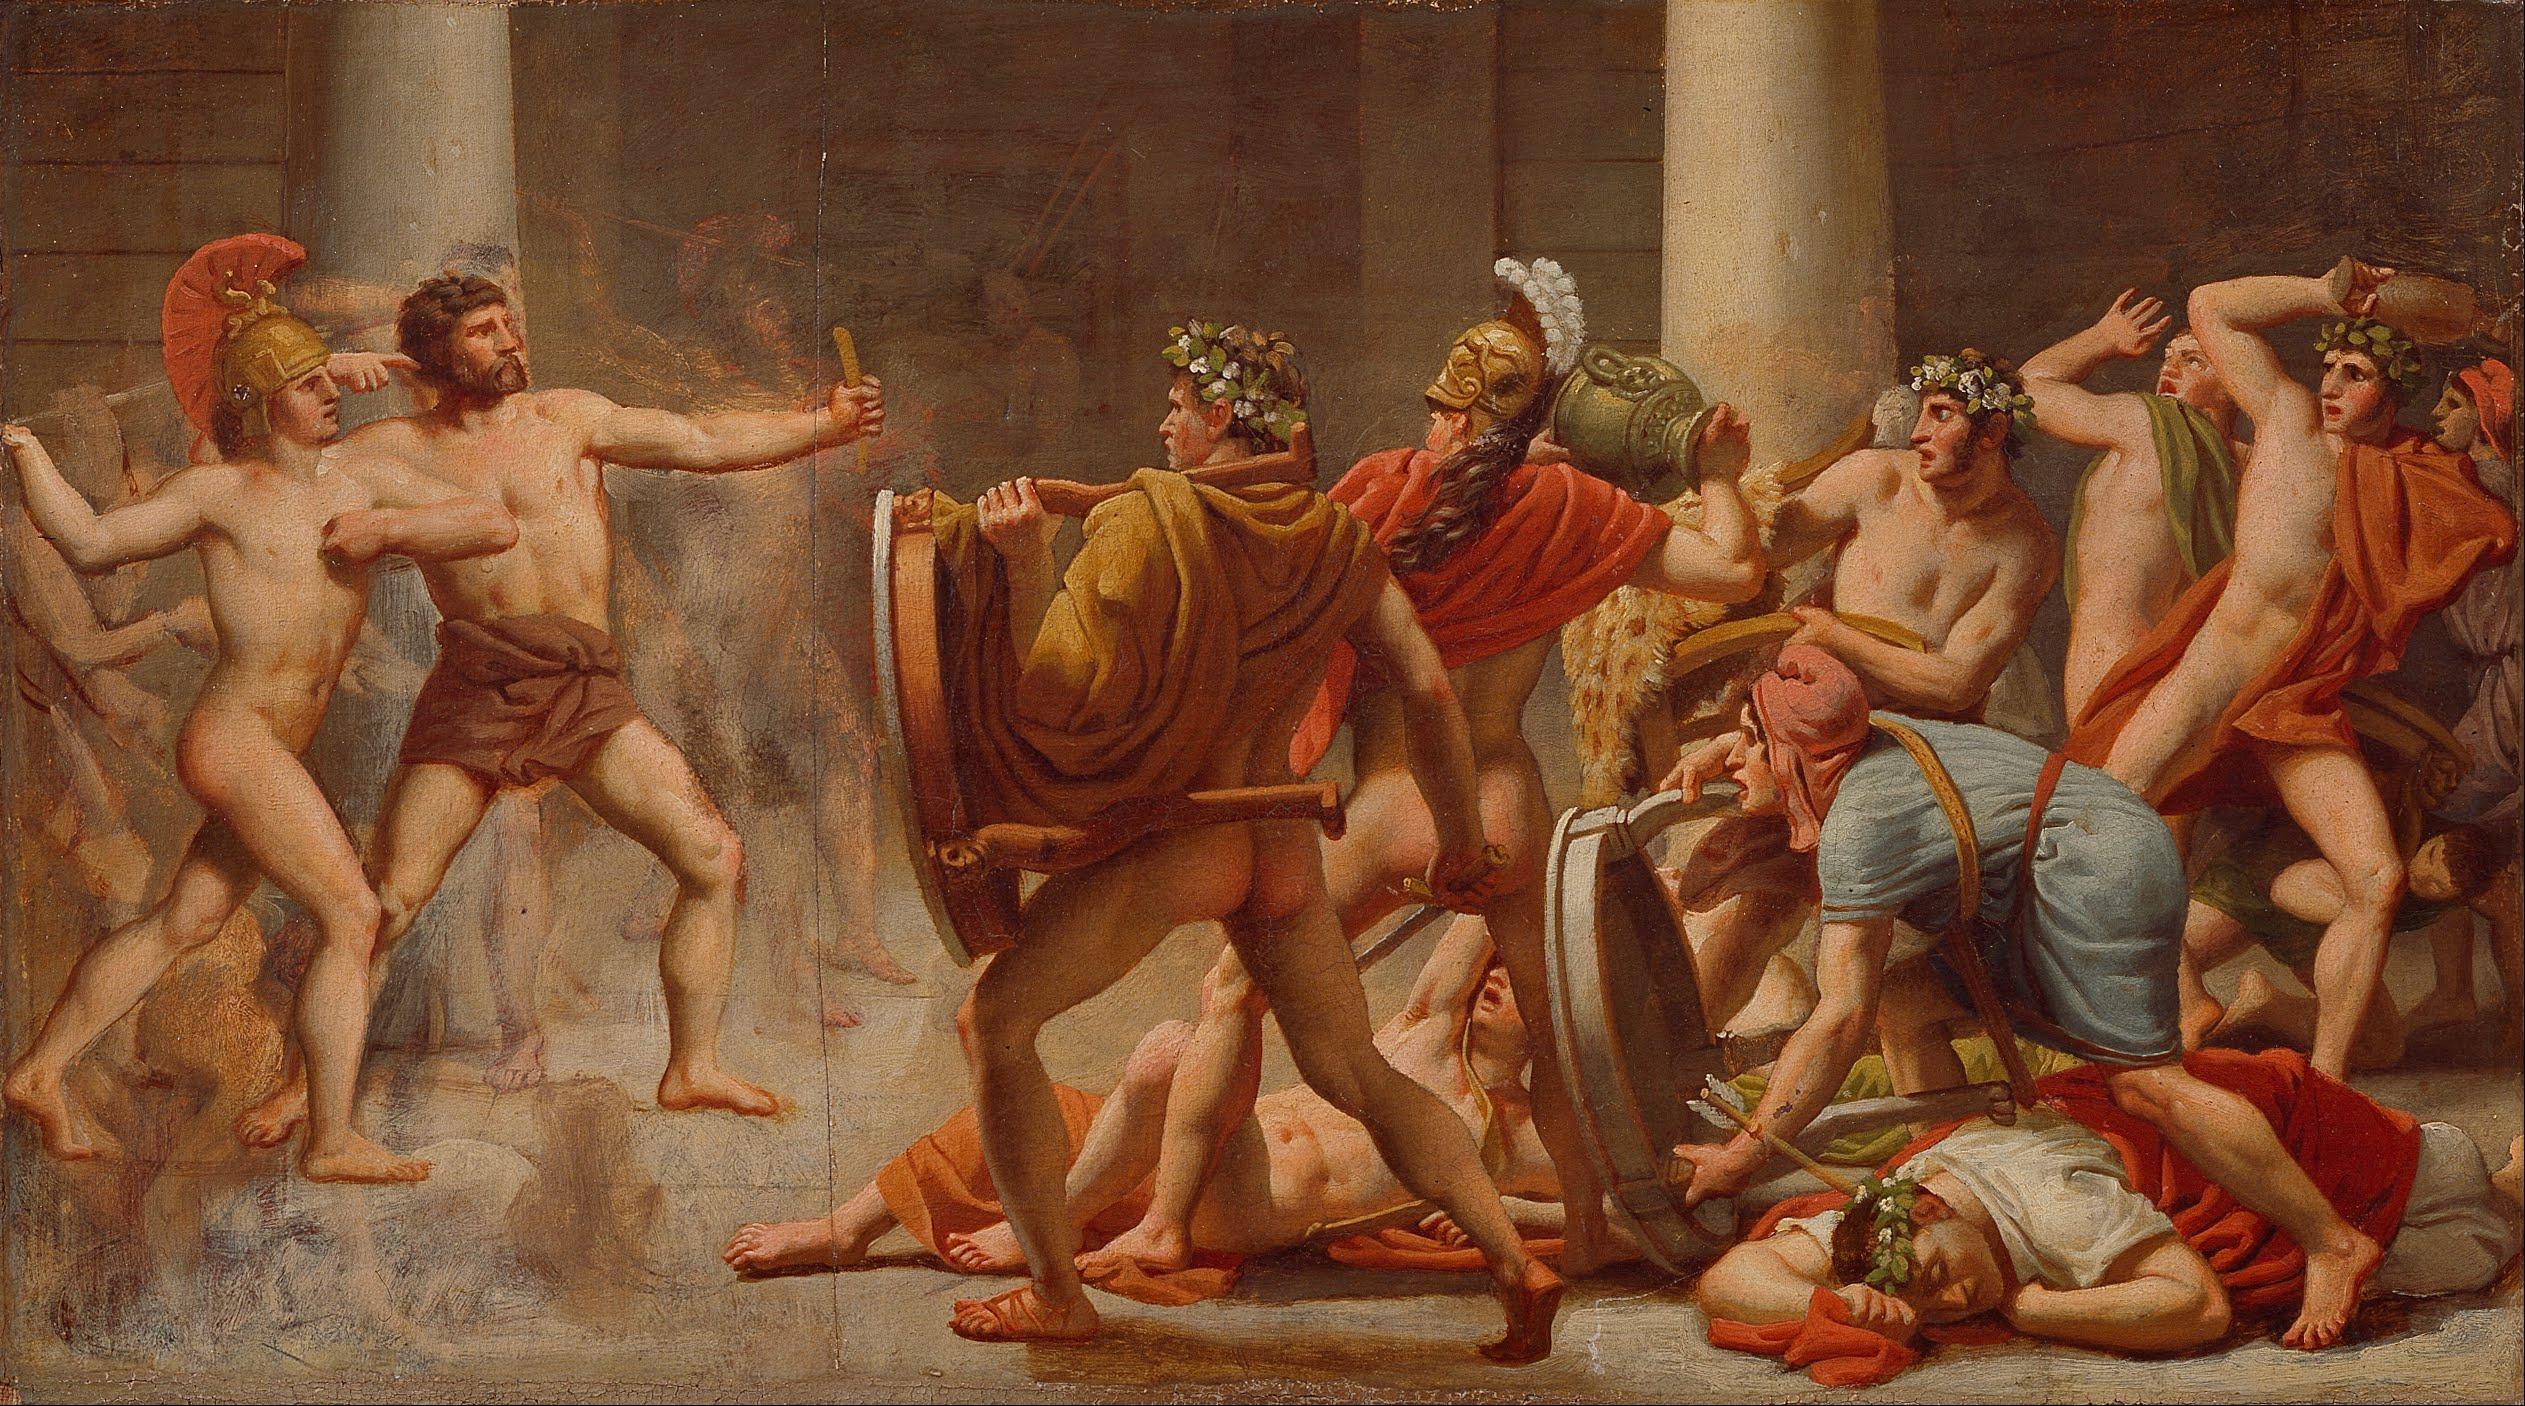 File:Christoffer Wilhelm Eckersberg - Ulysses' revenge on